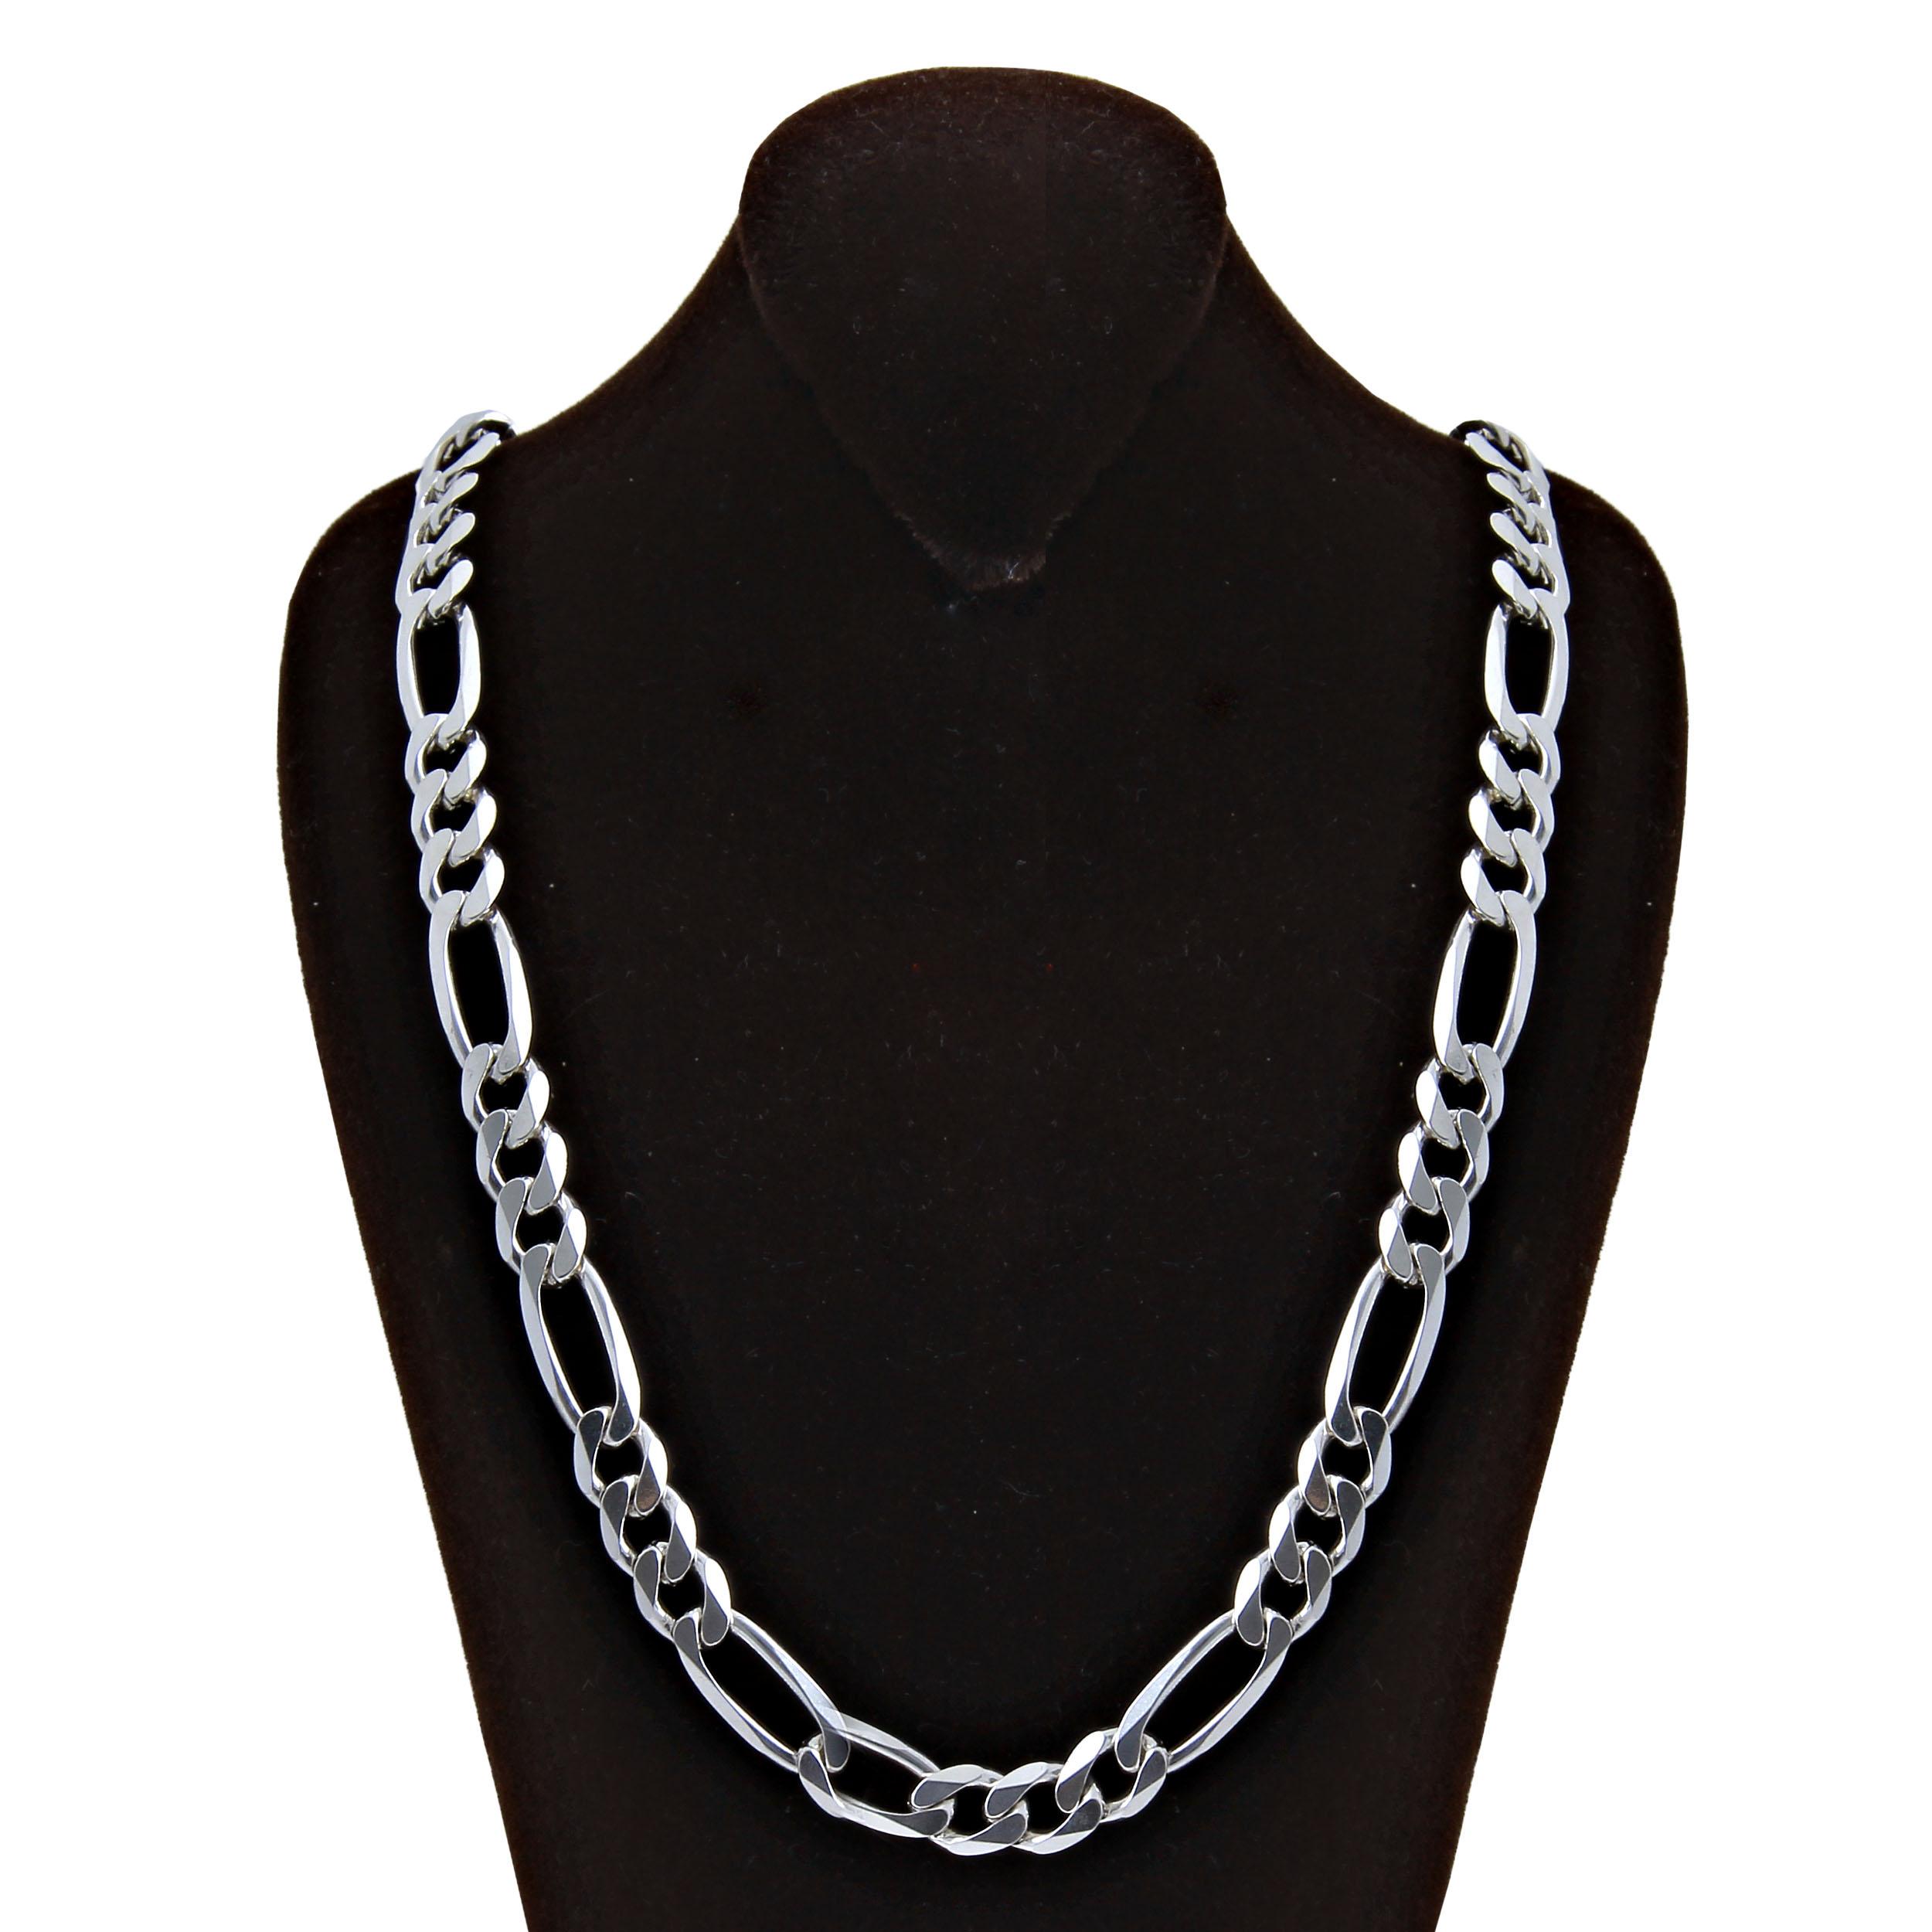 زنجیر نقره مردانه بازرگانی میلادی  کد  ZR_013